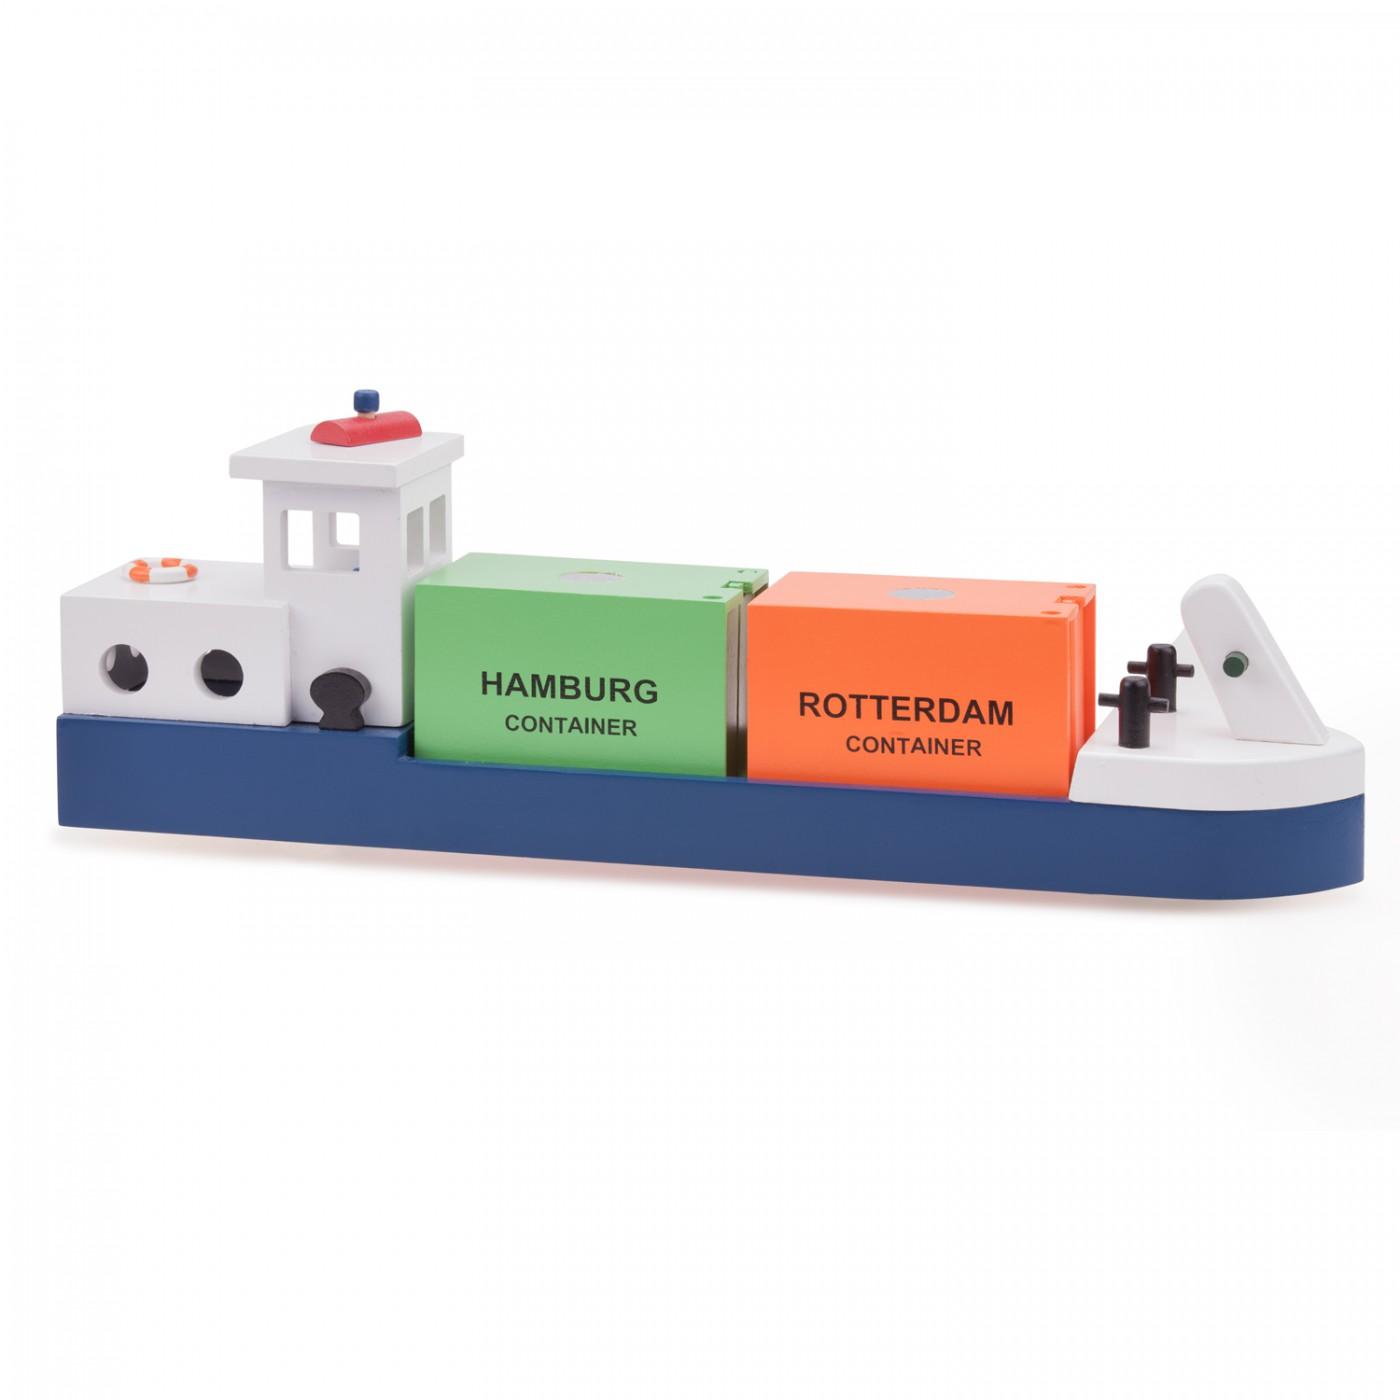 Frachtkran mit 2 Containern